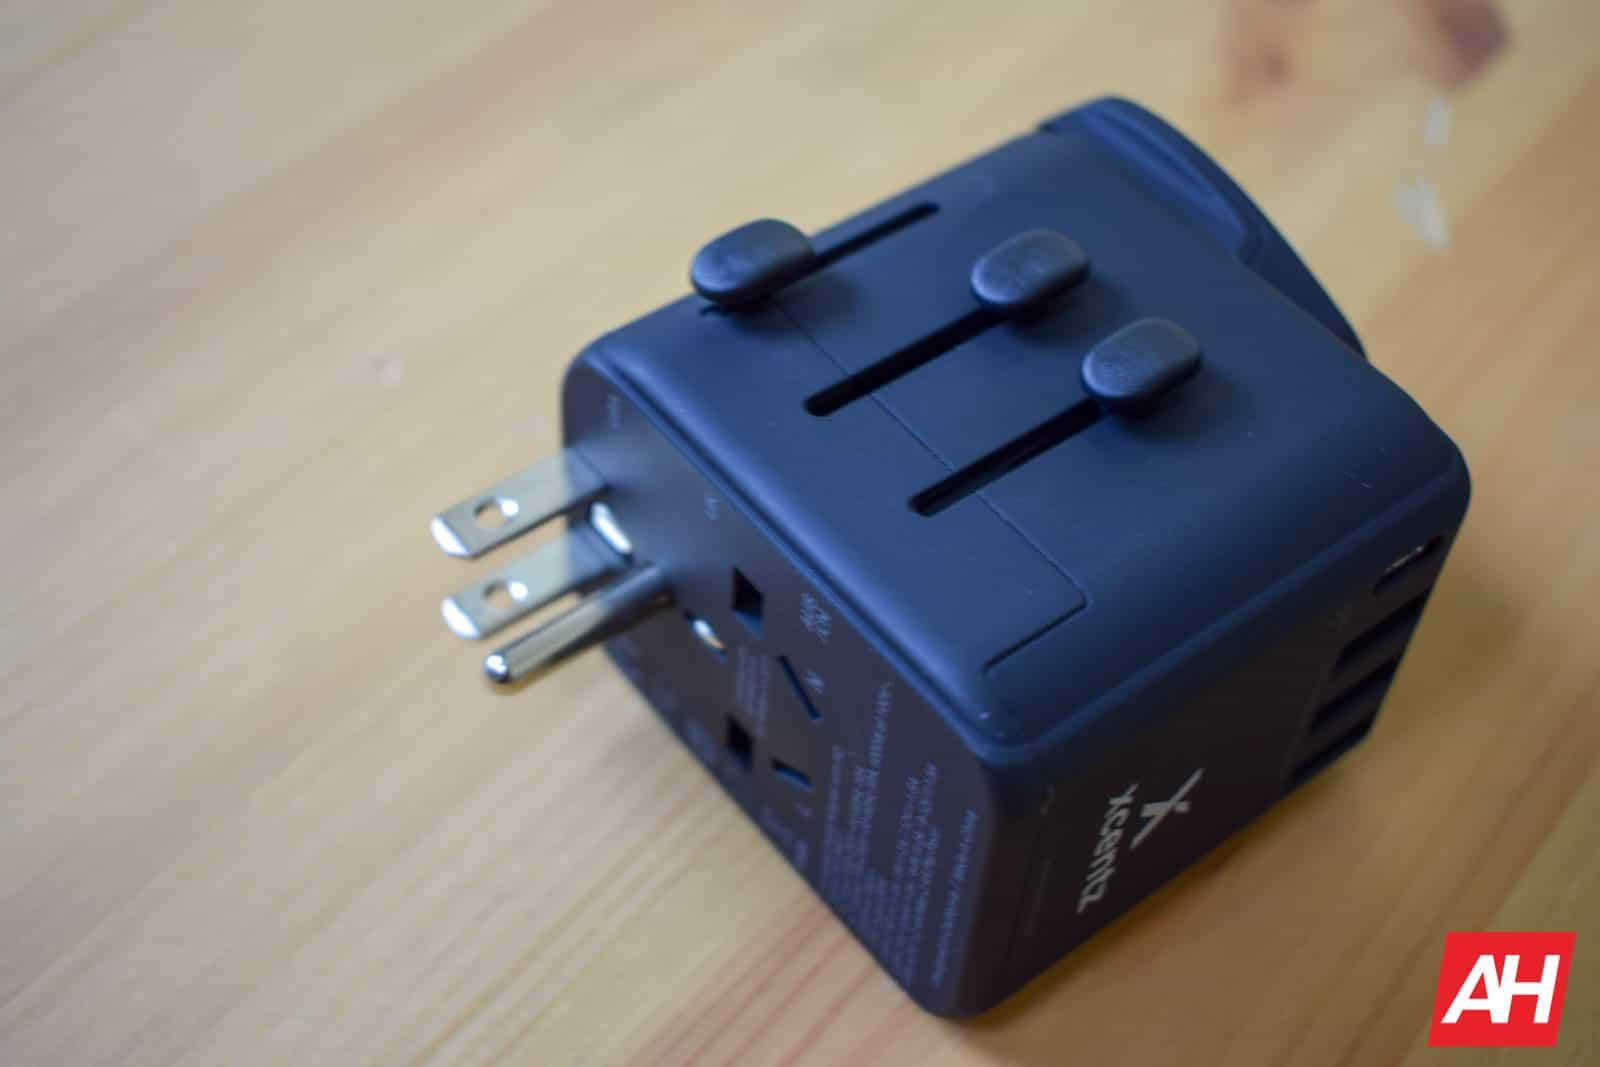 Xcentz Universal Travel Adapter AM AH 4